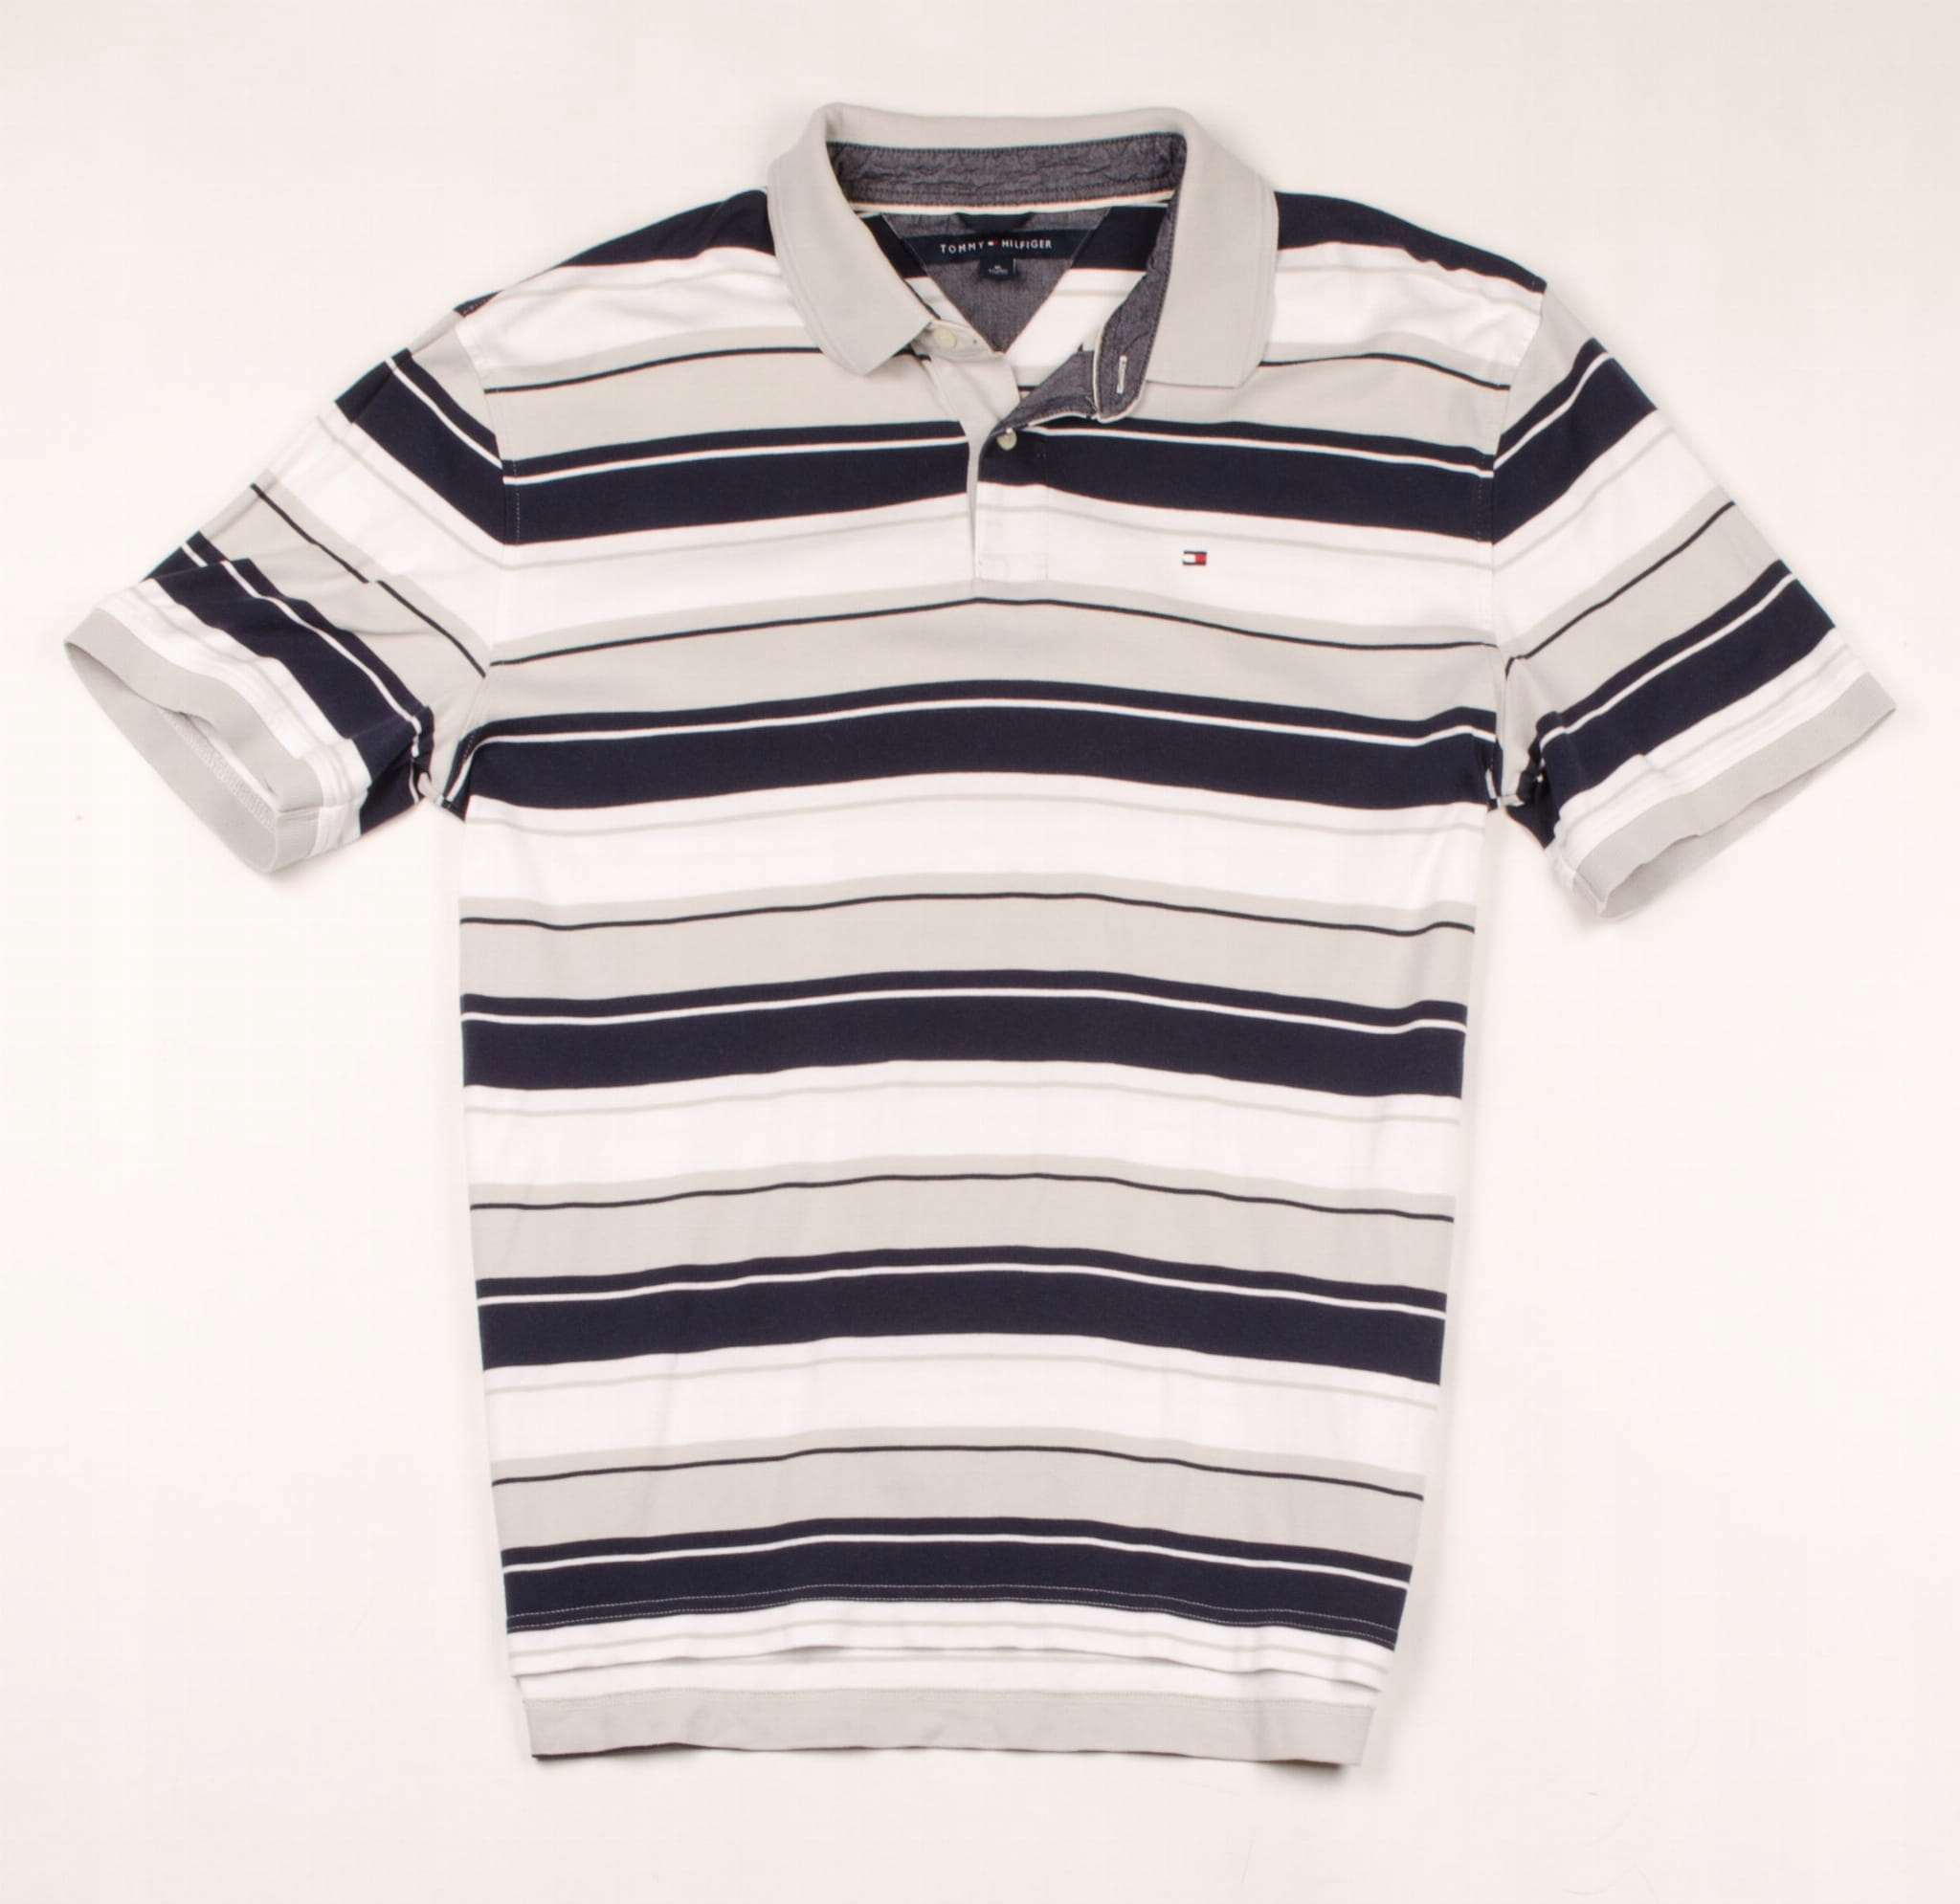 36395 Tommy Hilfiger Koszulka Polo Męska XL